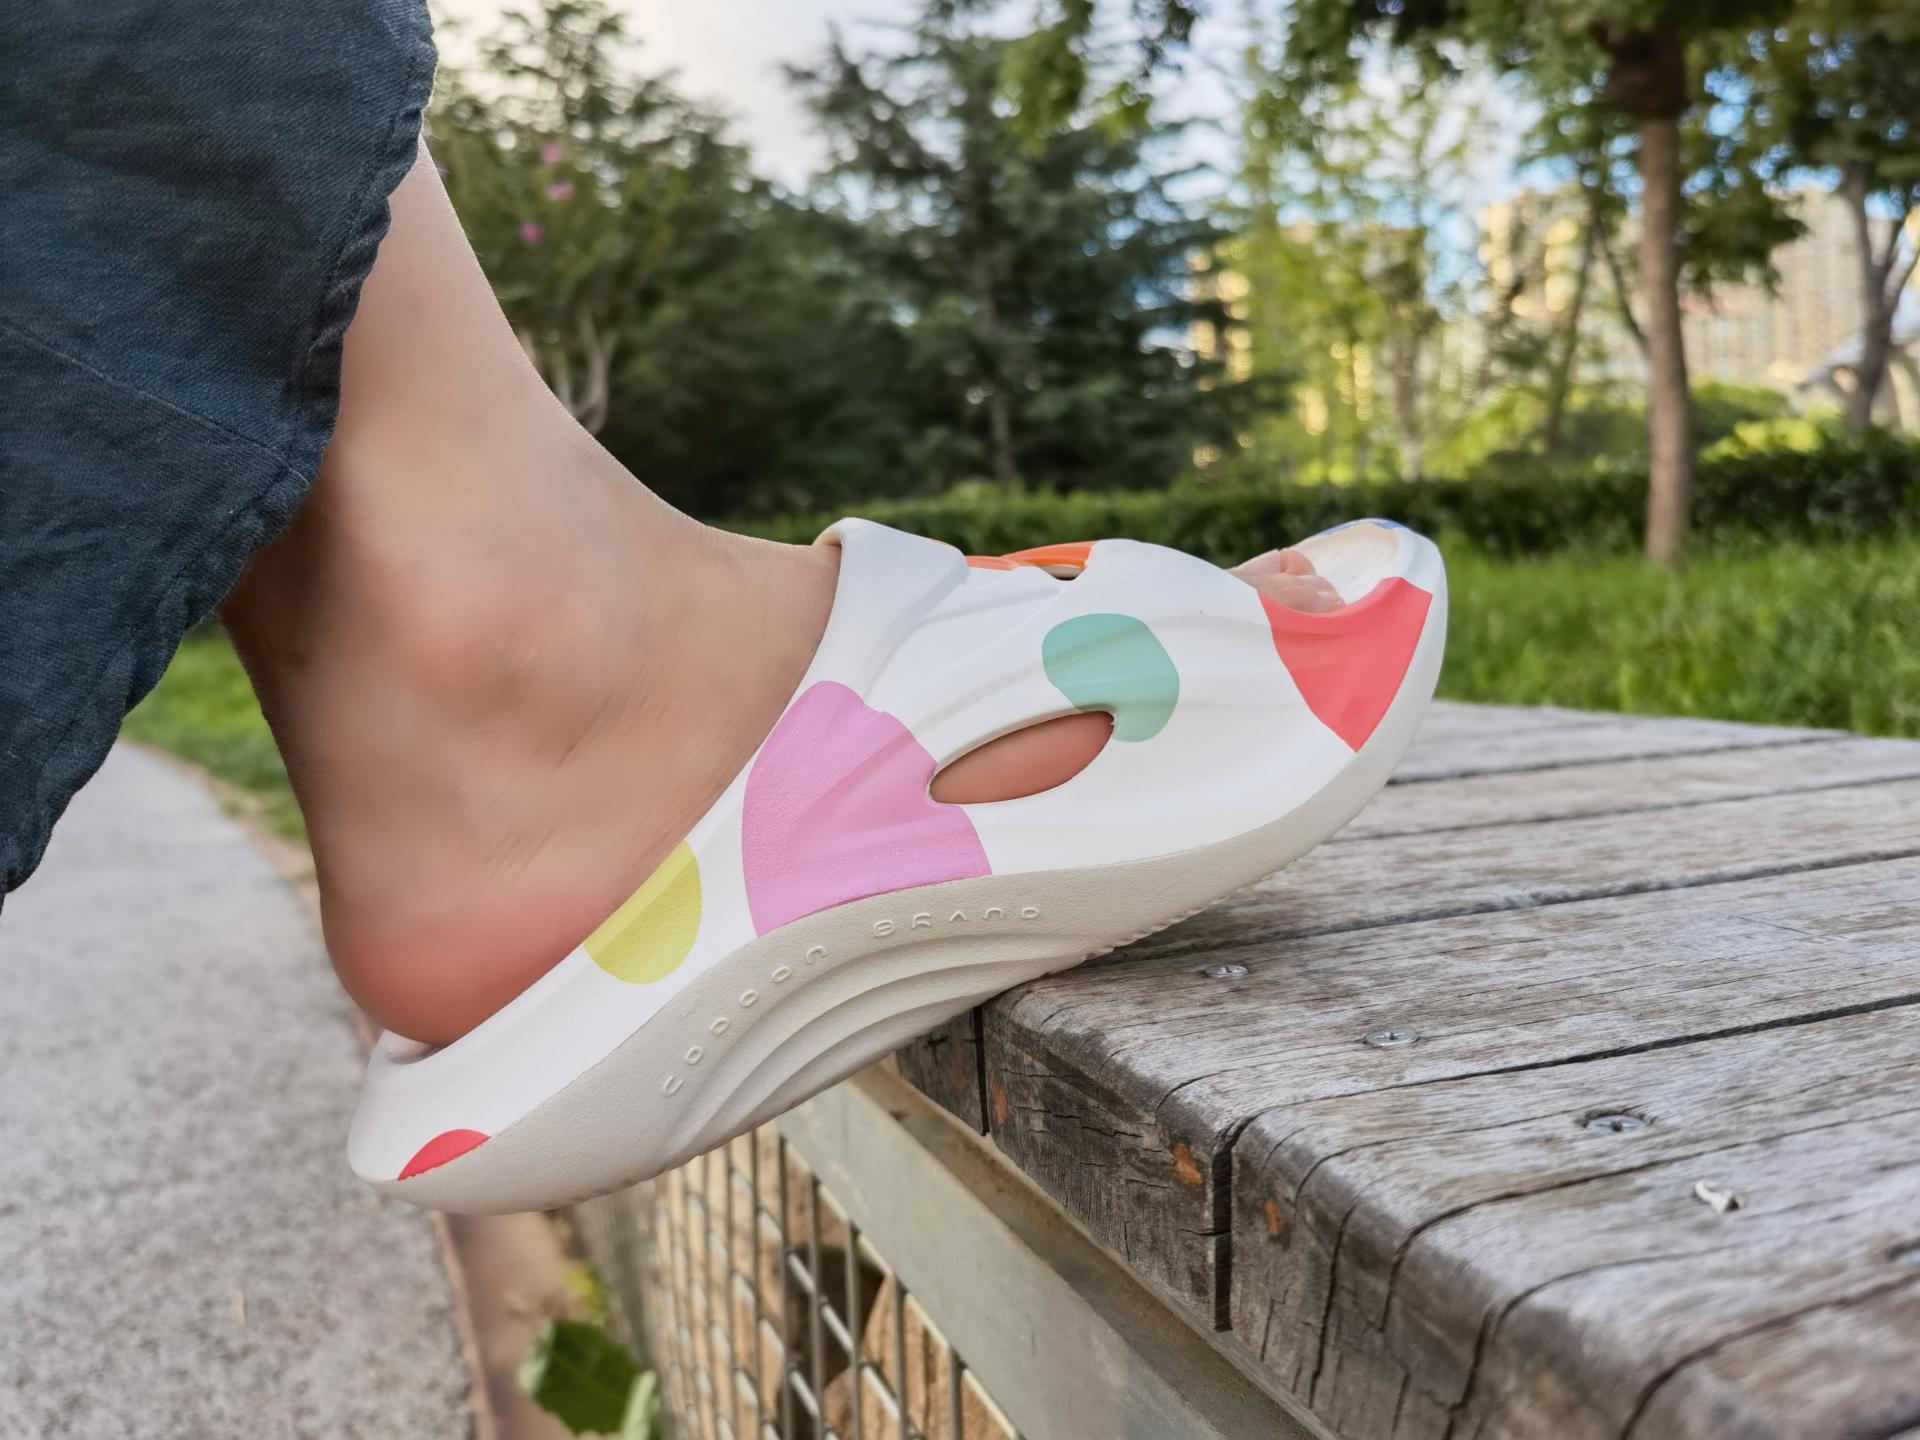 运动之后给你的双脚做个spa,咕咚舒缓拖鞋快速缓解运动疲劳感